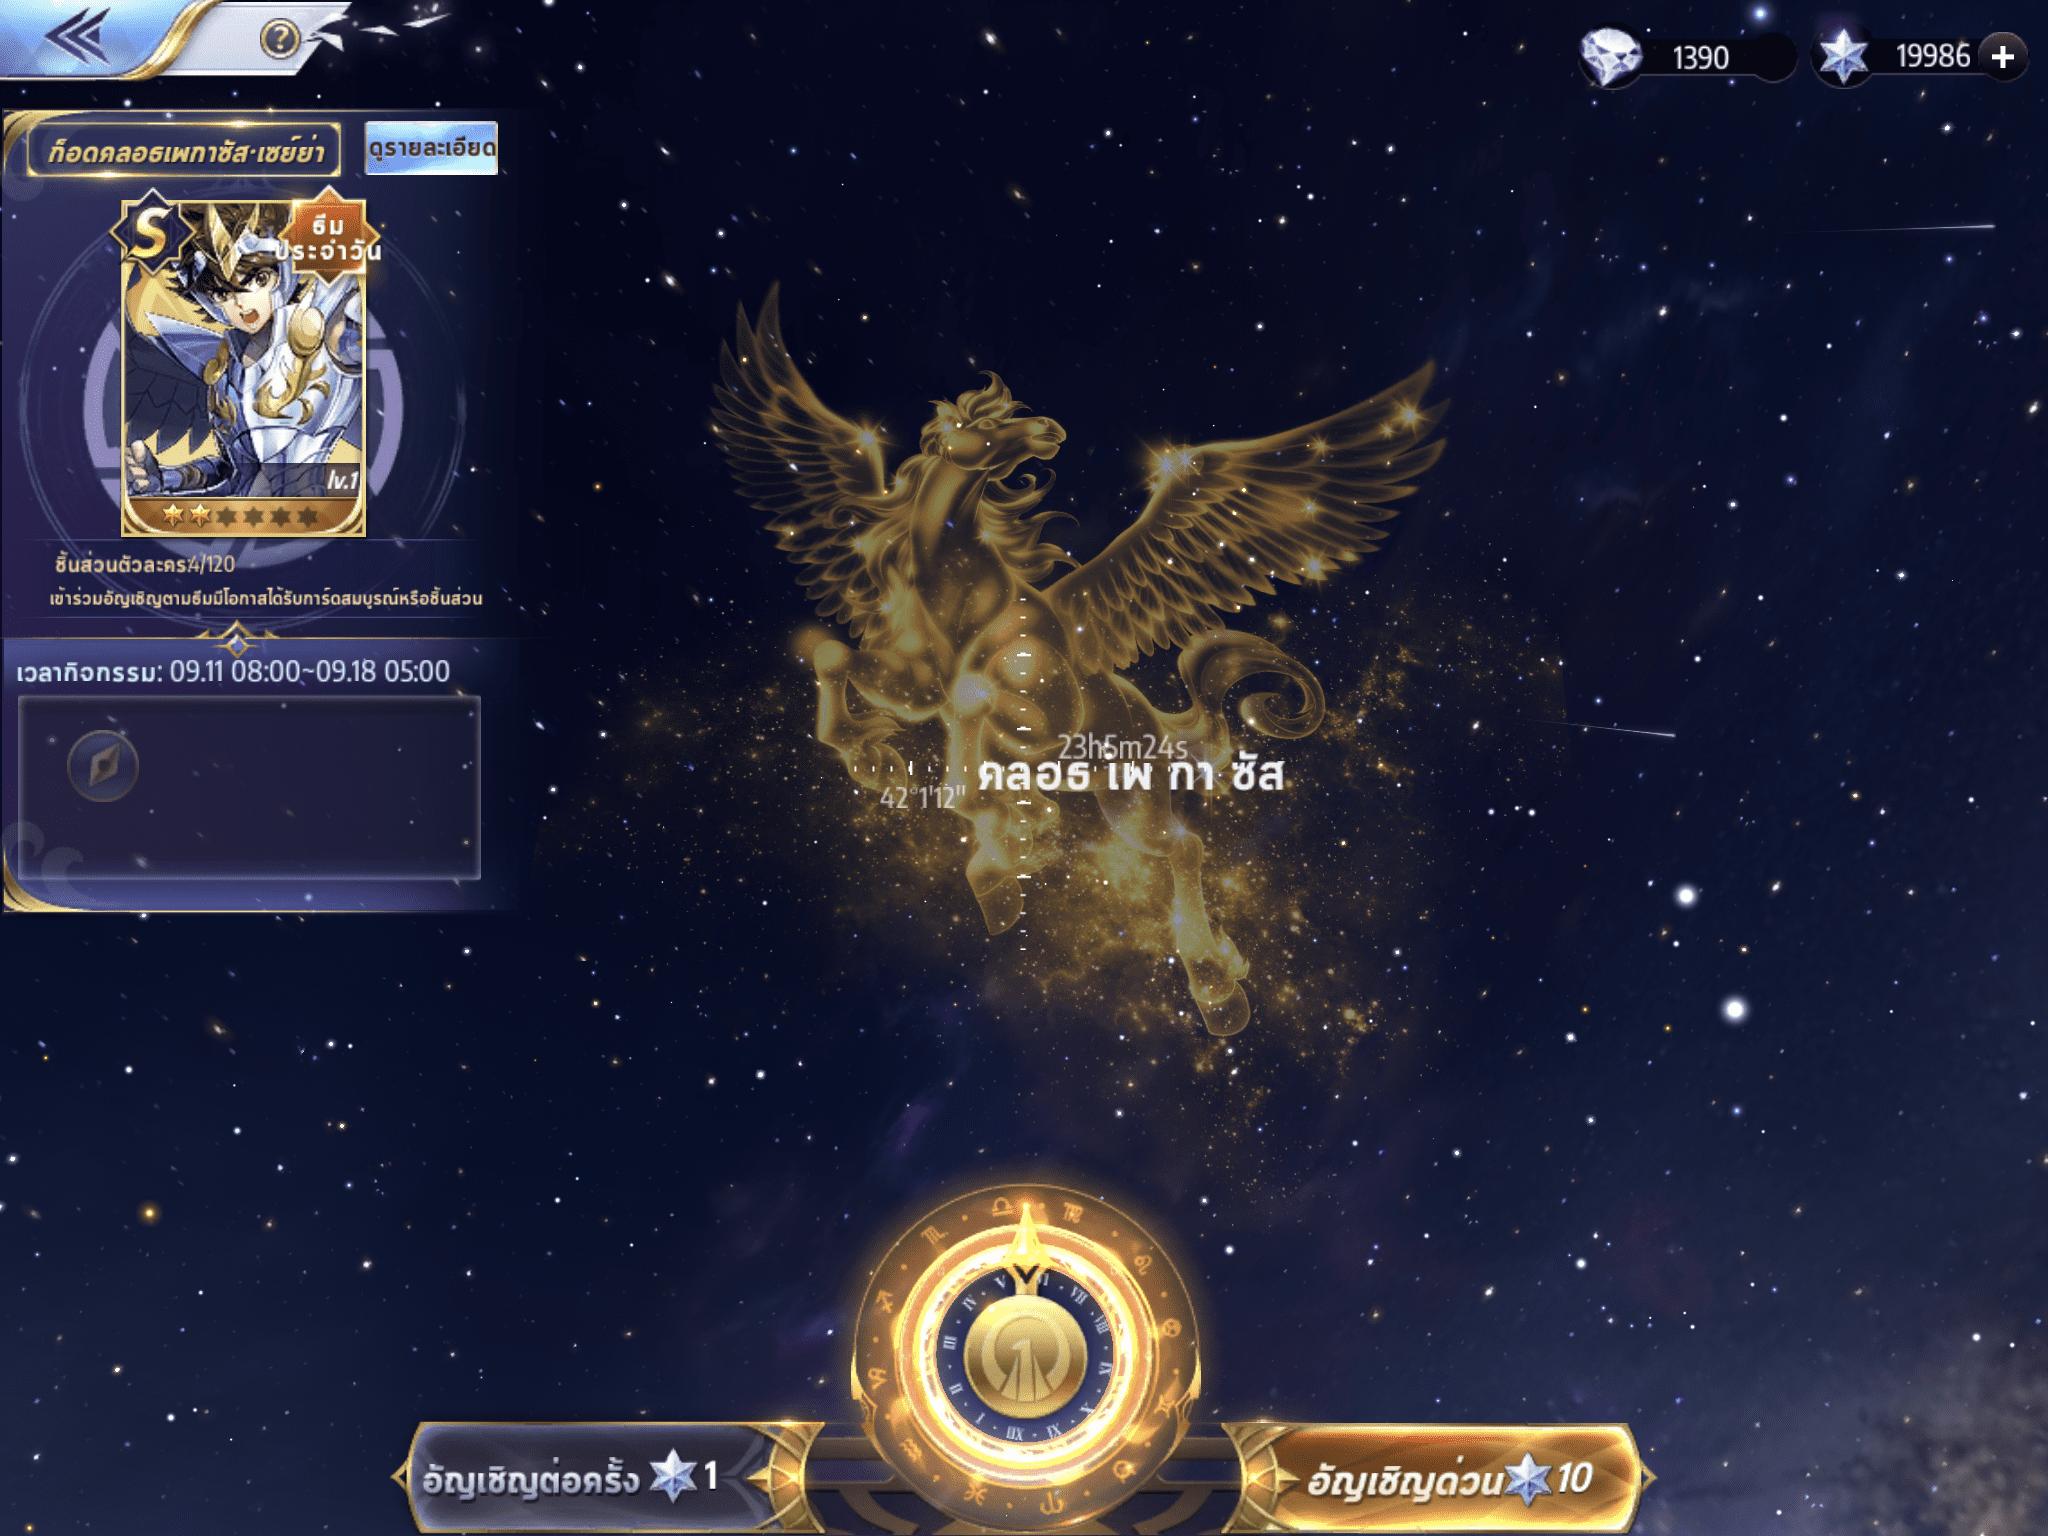 Saint Seiya Awakening 1092019 9